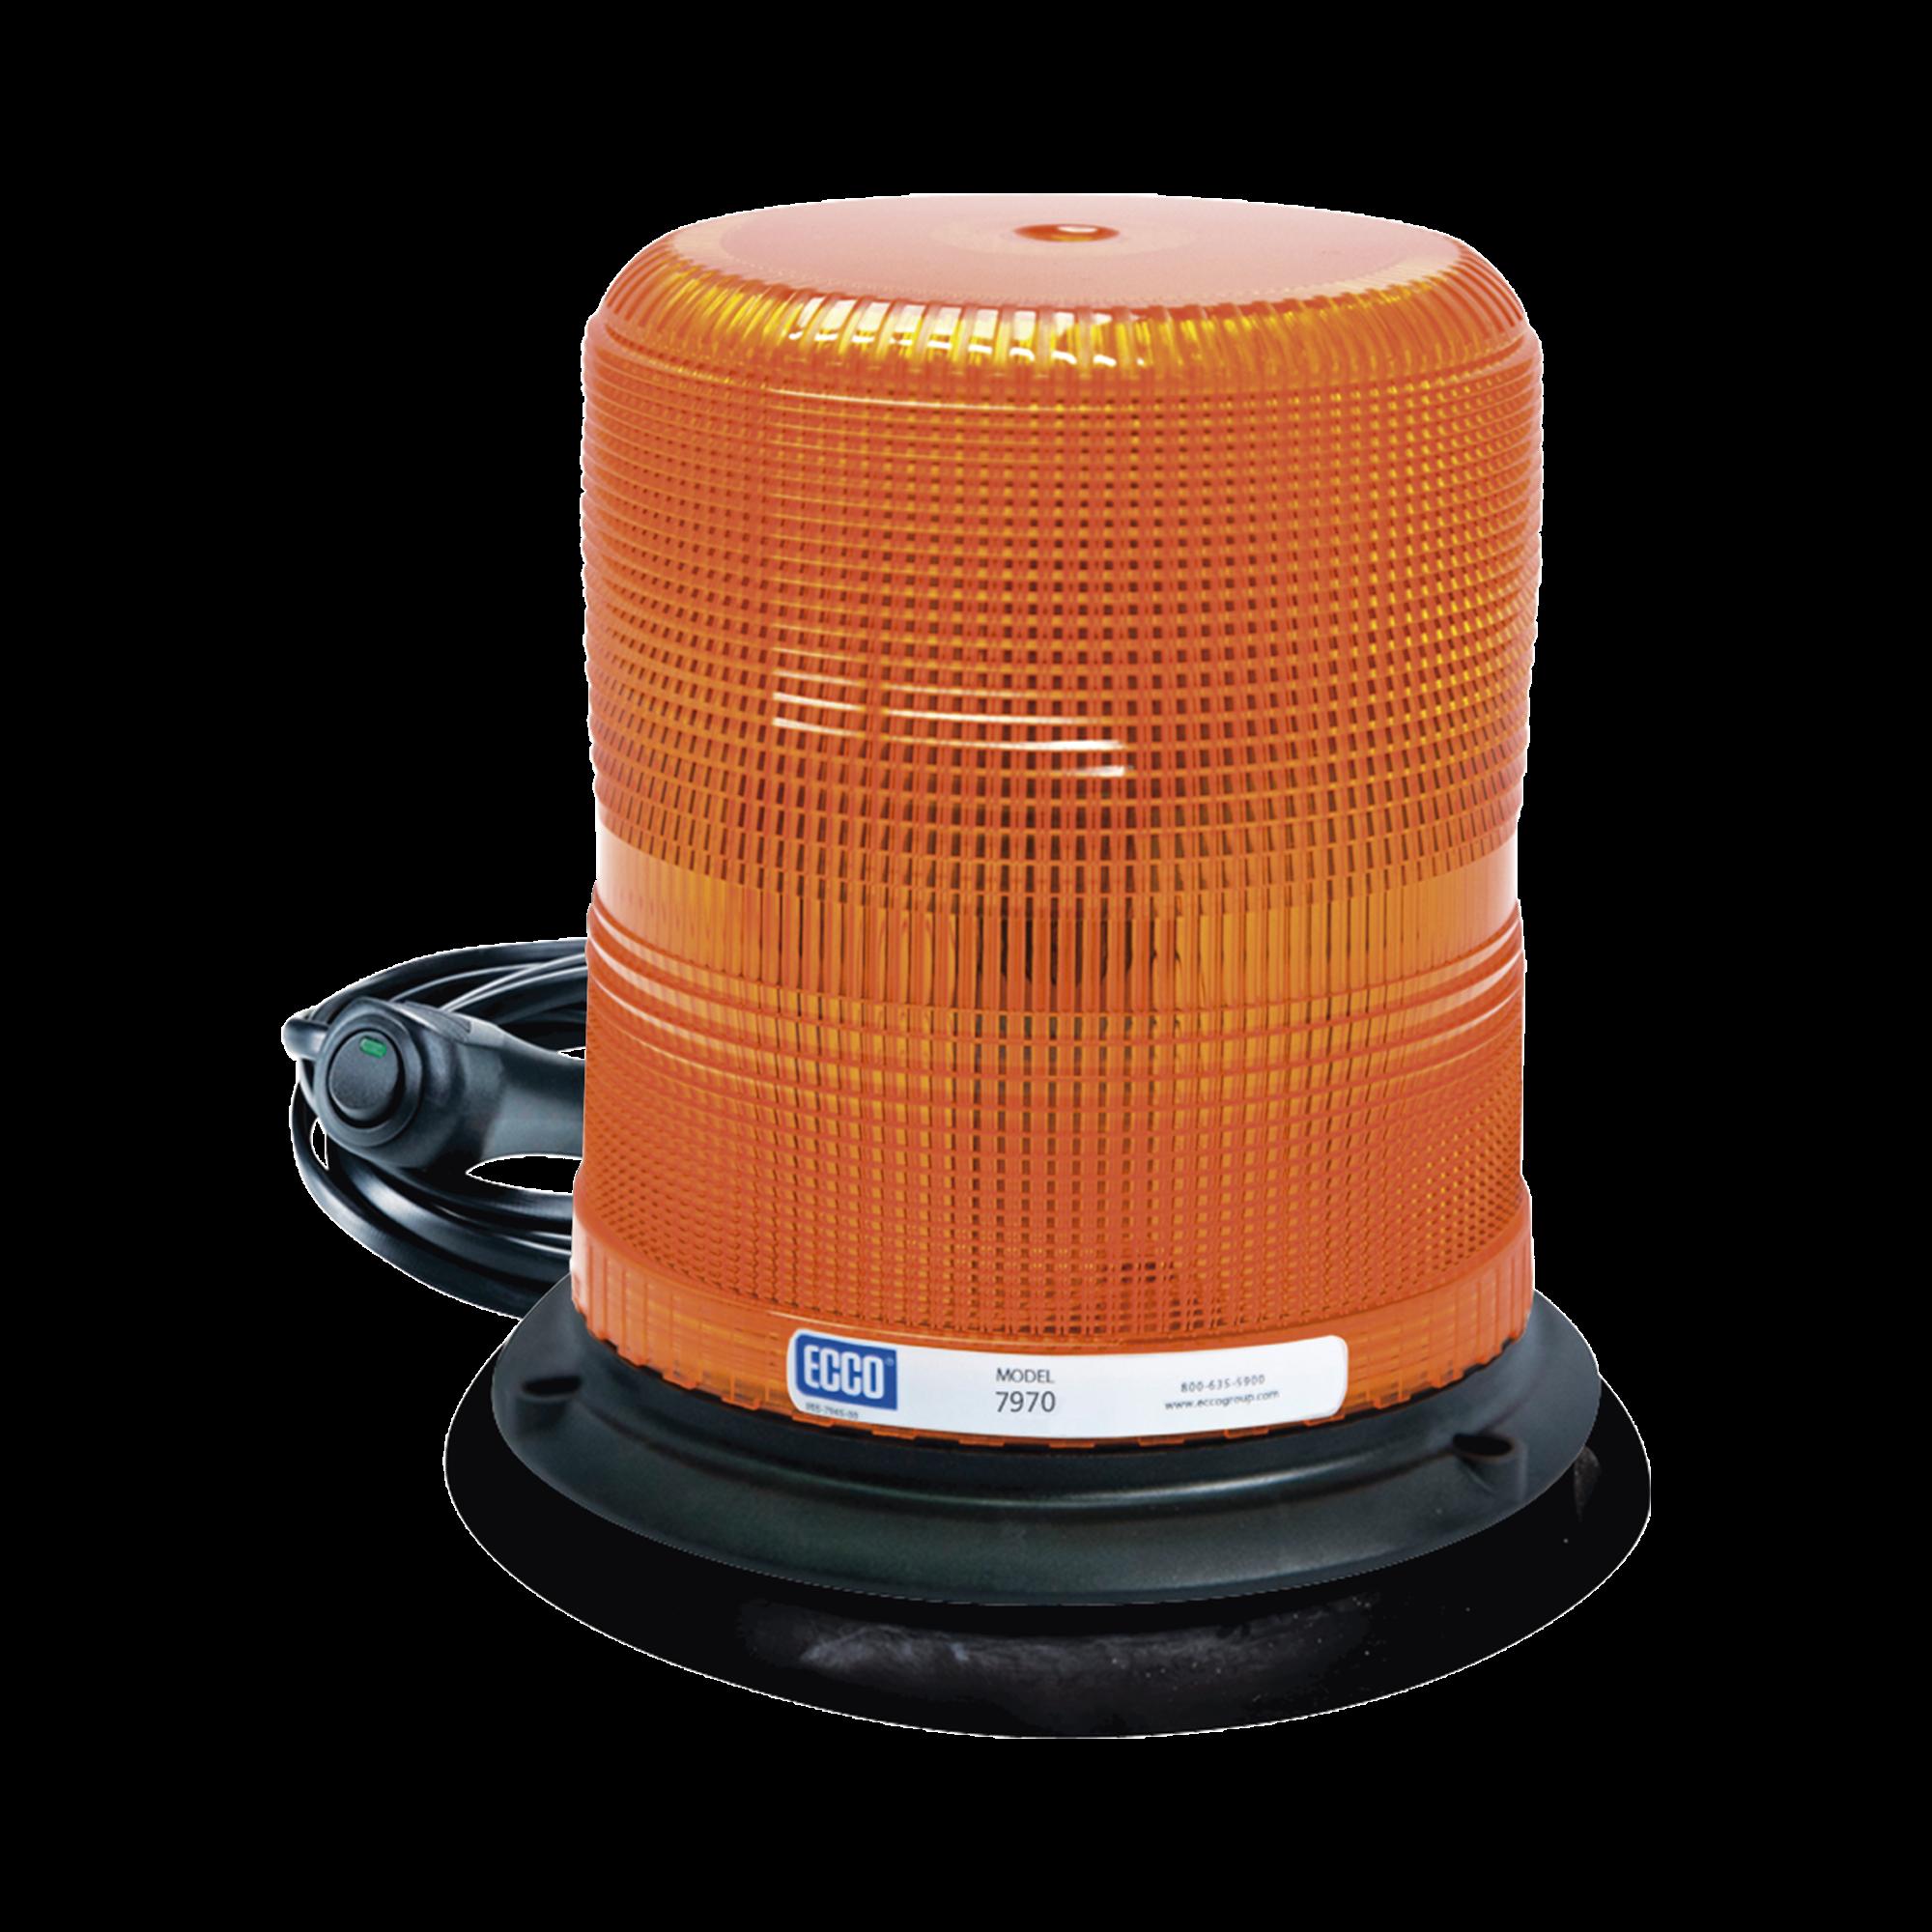 Baliza LED color ambar con montaje magnetico de succion DE 7 de altura